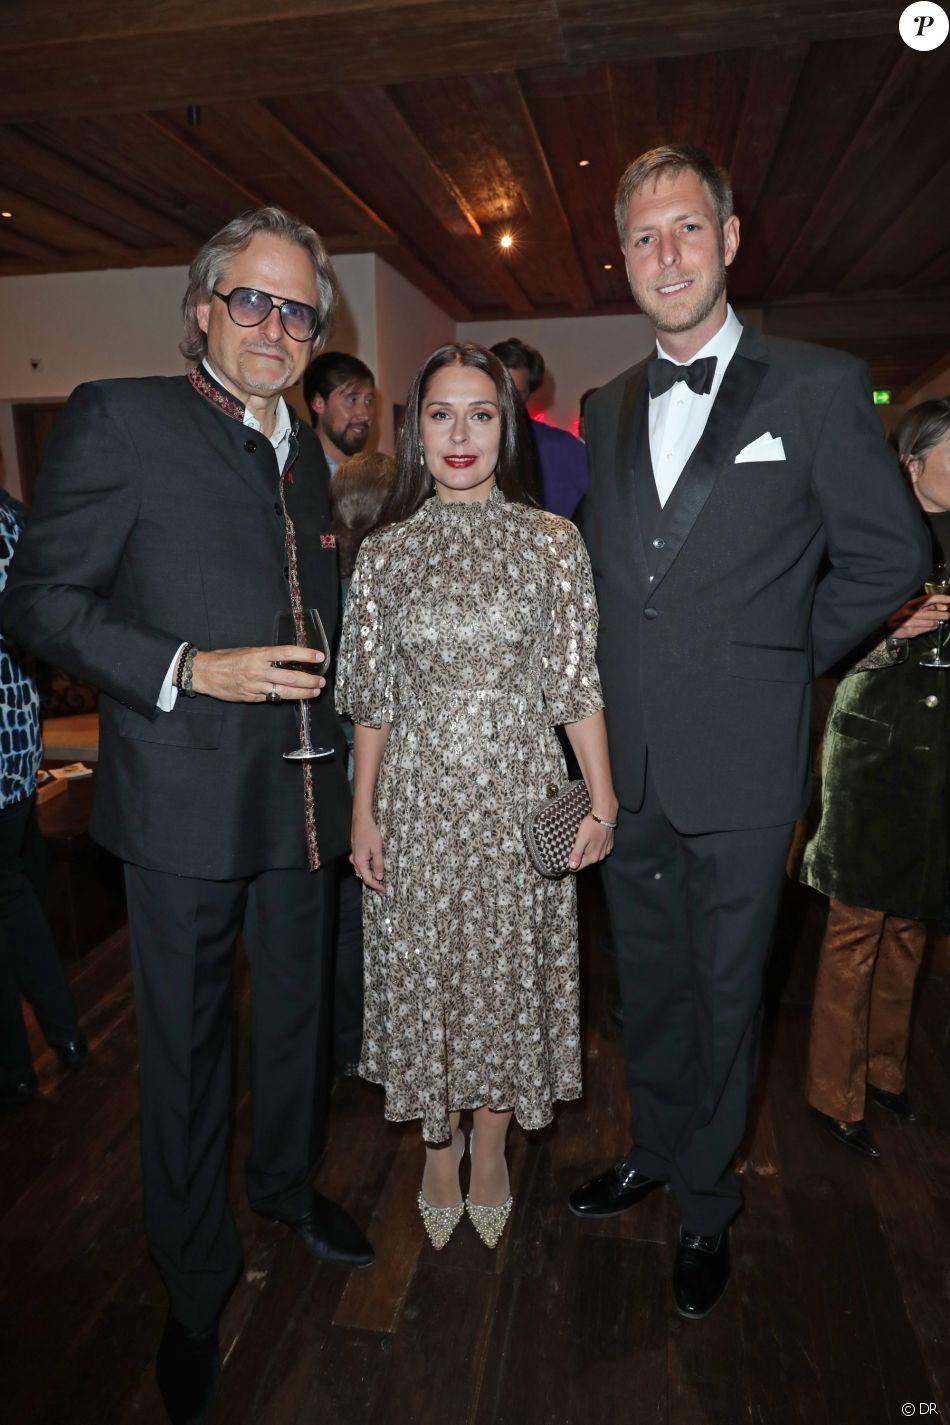 David Brolliet, la princess Elia et le prince Leka II lors du week-end organisé par Less Saves The Planet le 7 septembre 2019 à l'Alpina Gstaad